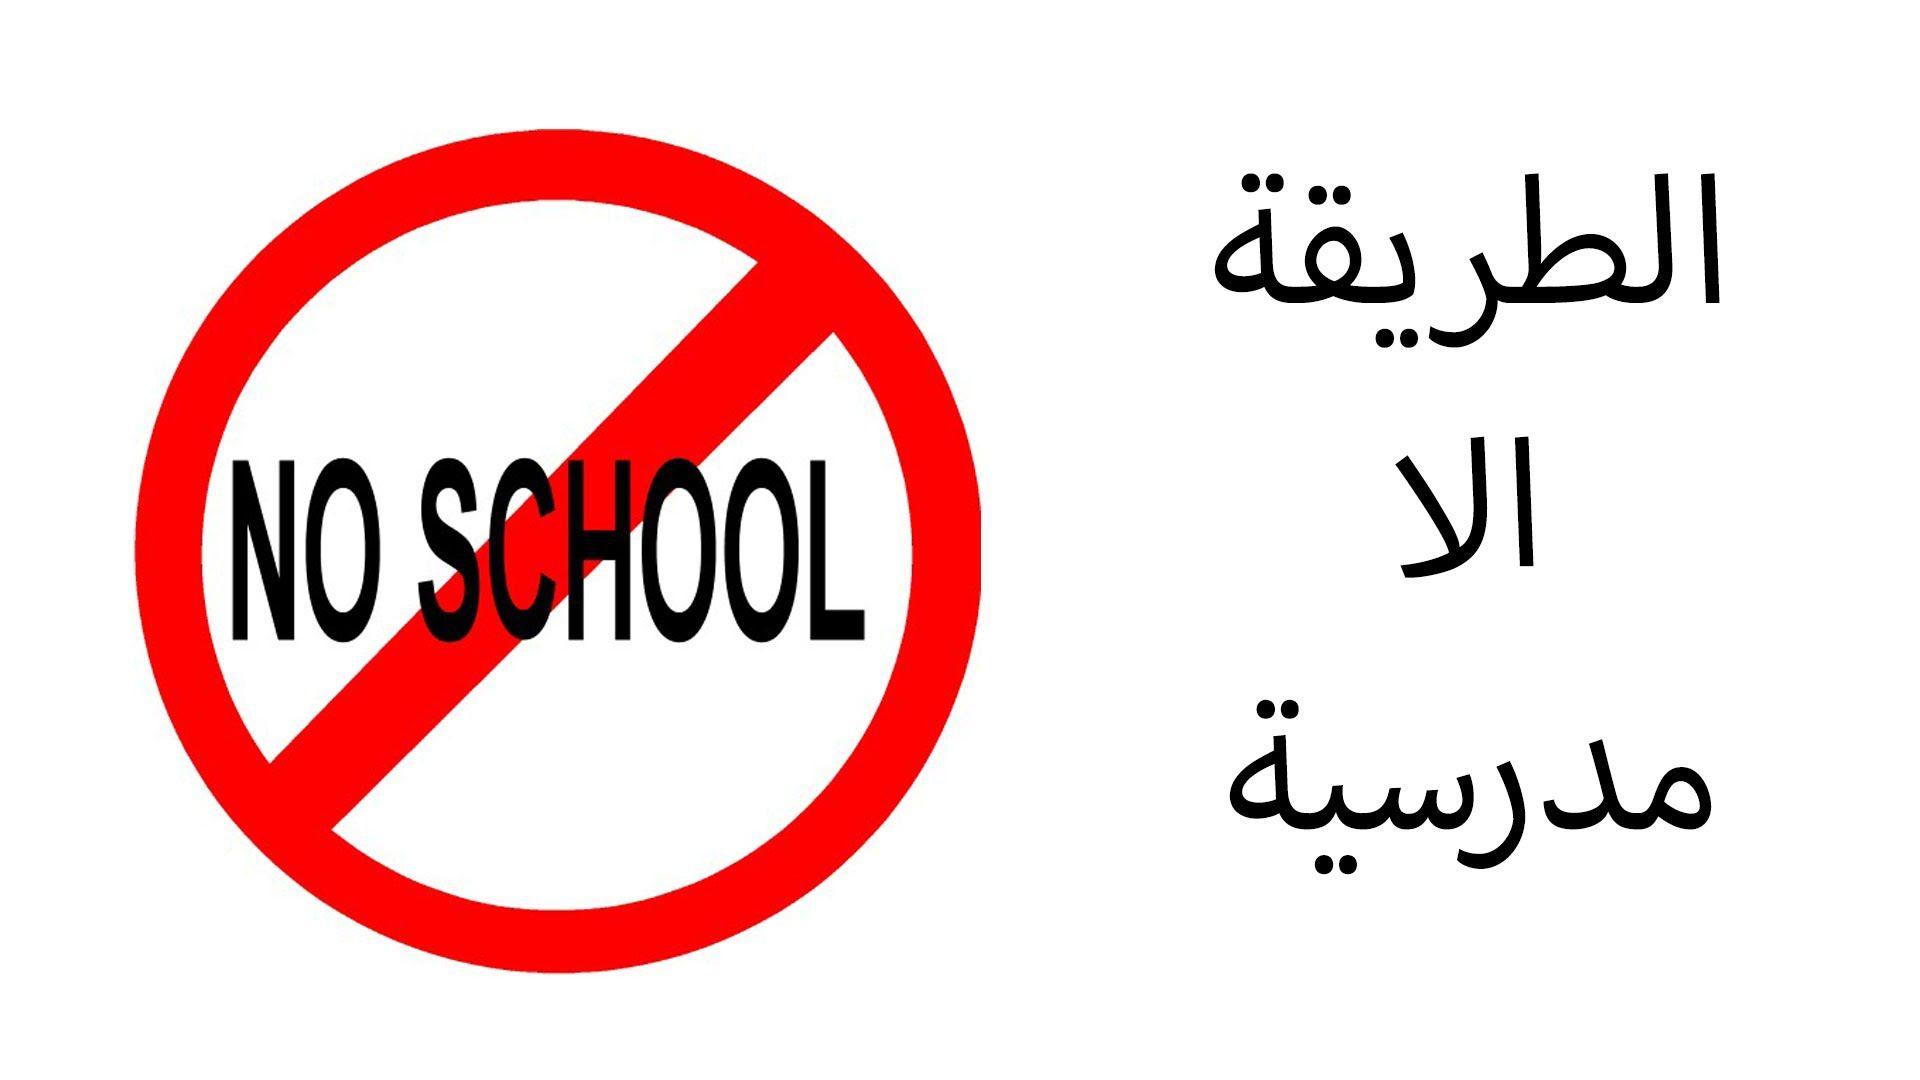 الحلقة الثانية عشر طريقة التعليم الا مدرسية No Schooling Method سمعتي عن طريقة التعليم الامدرسي قبل كدة كل التفاصيل الل Tech Company Logos Company Logo School